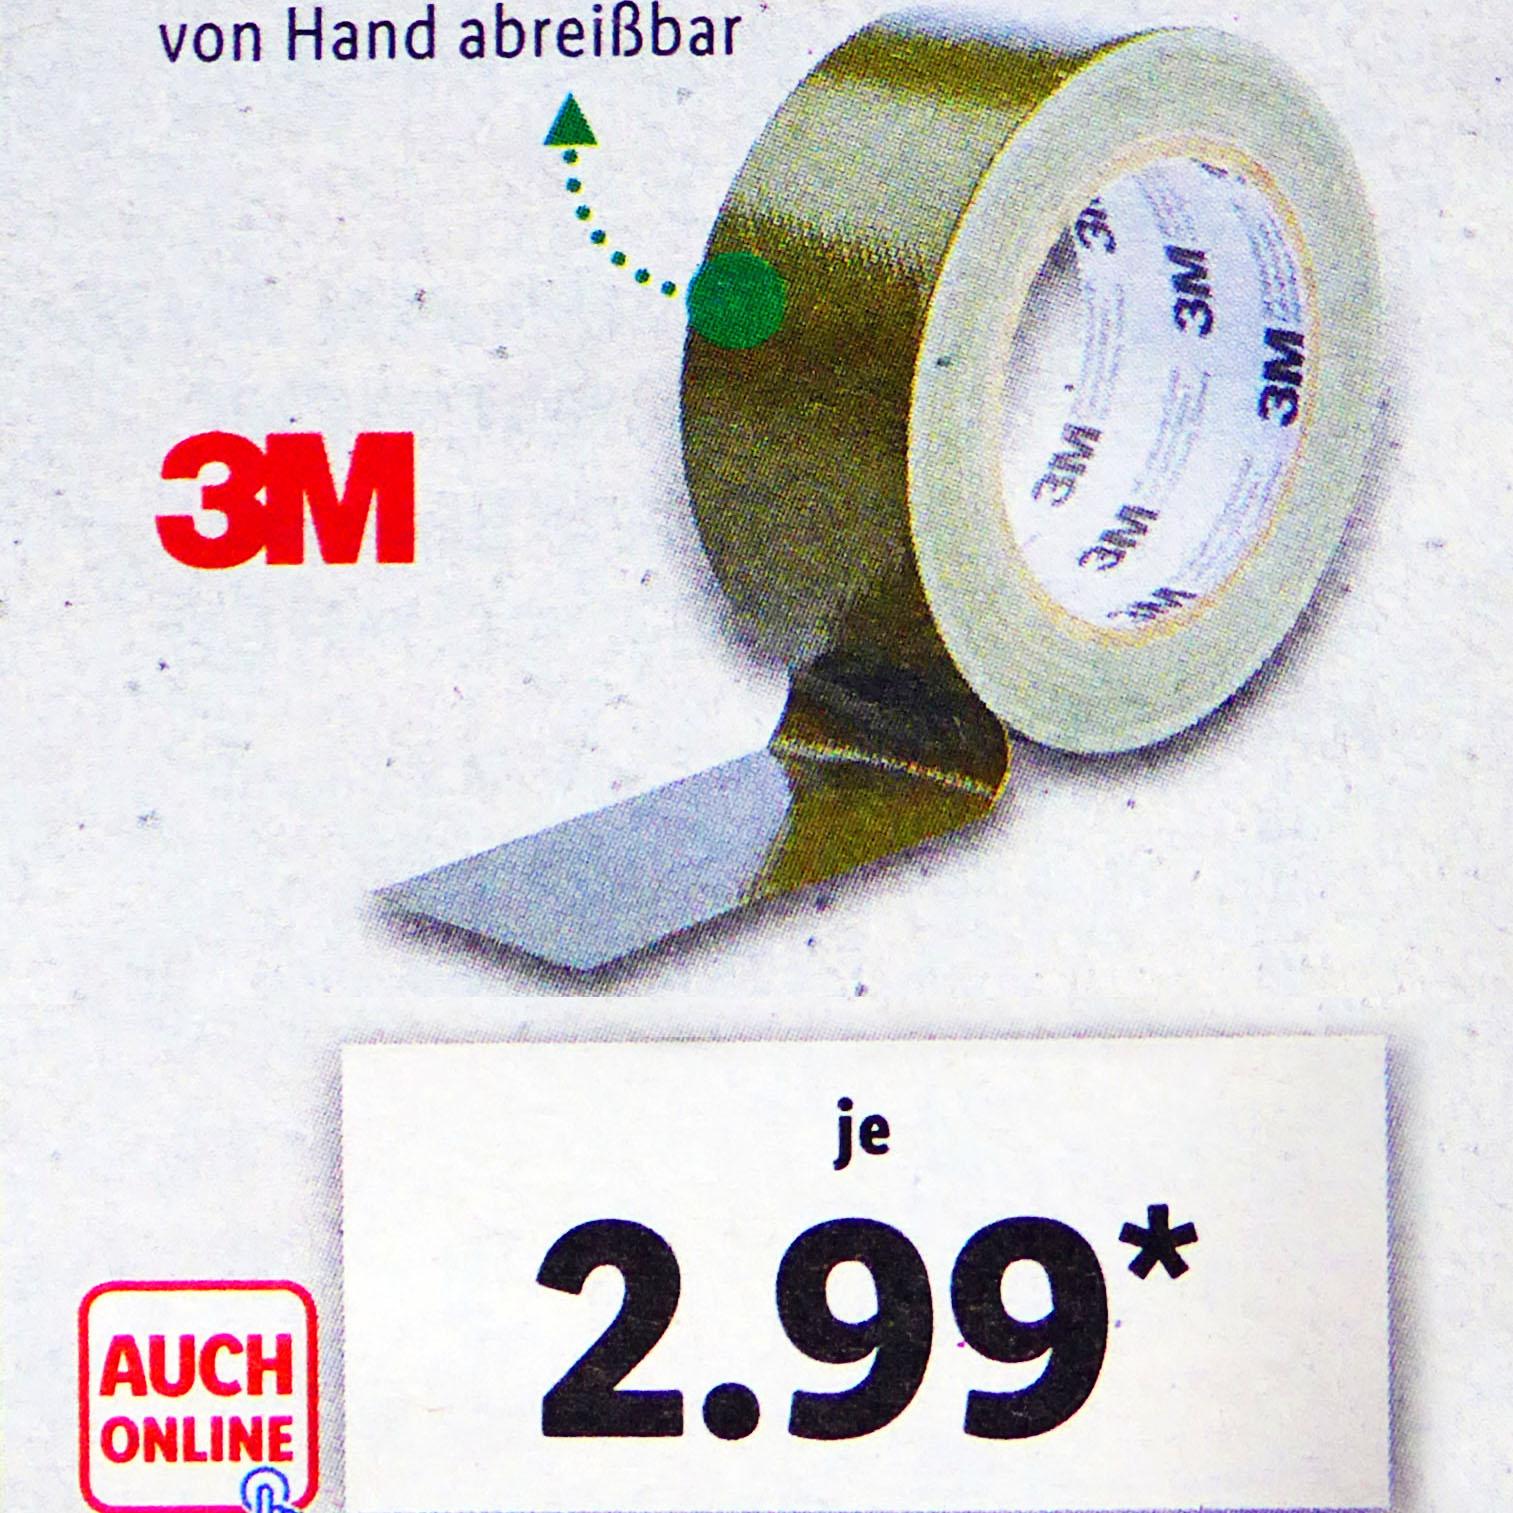 3M Allwetter-Klebeband oder 3M Outdoor Gewebe-Klebeband für nur 2,99€ bei (Lidl ab 4.6.)